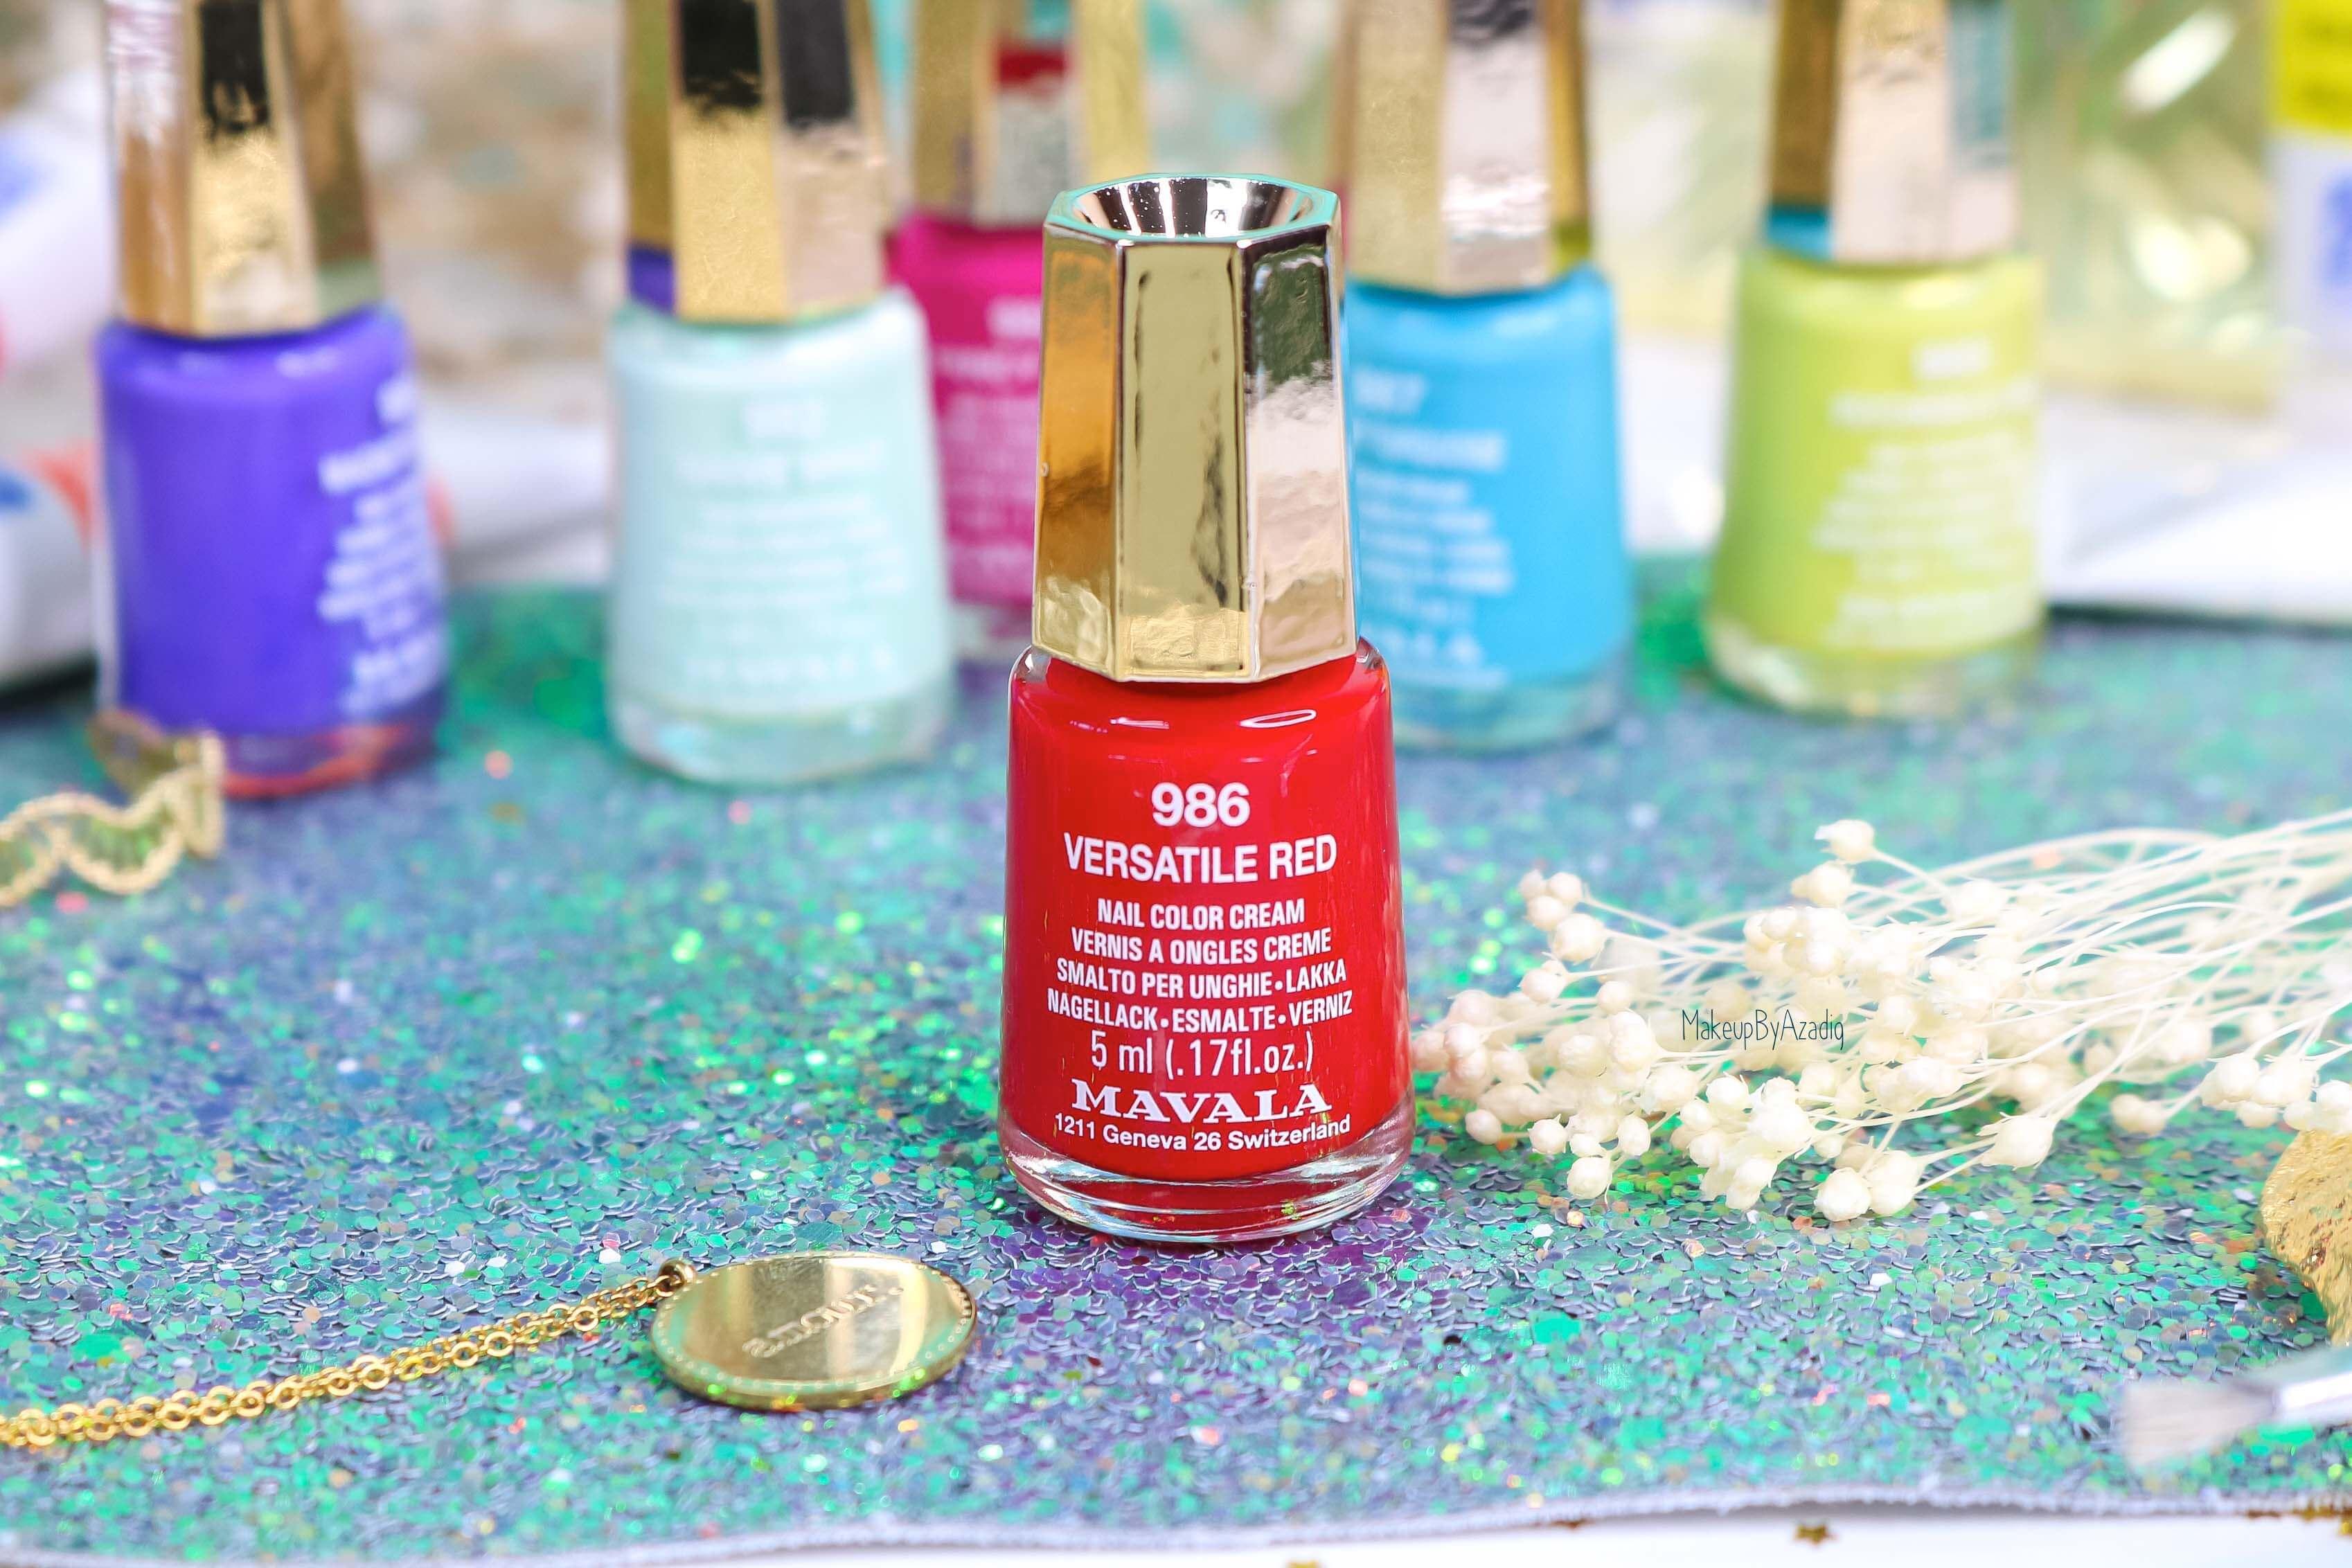 revue-collection-vernis-mavala-nails-dash-splash-ete-2019-bleu-orange-makeupbyazadig-swatch-avis-prix-red